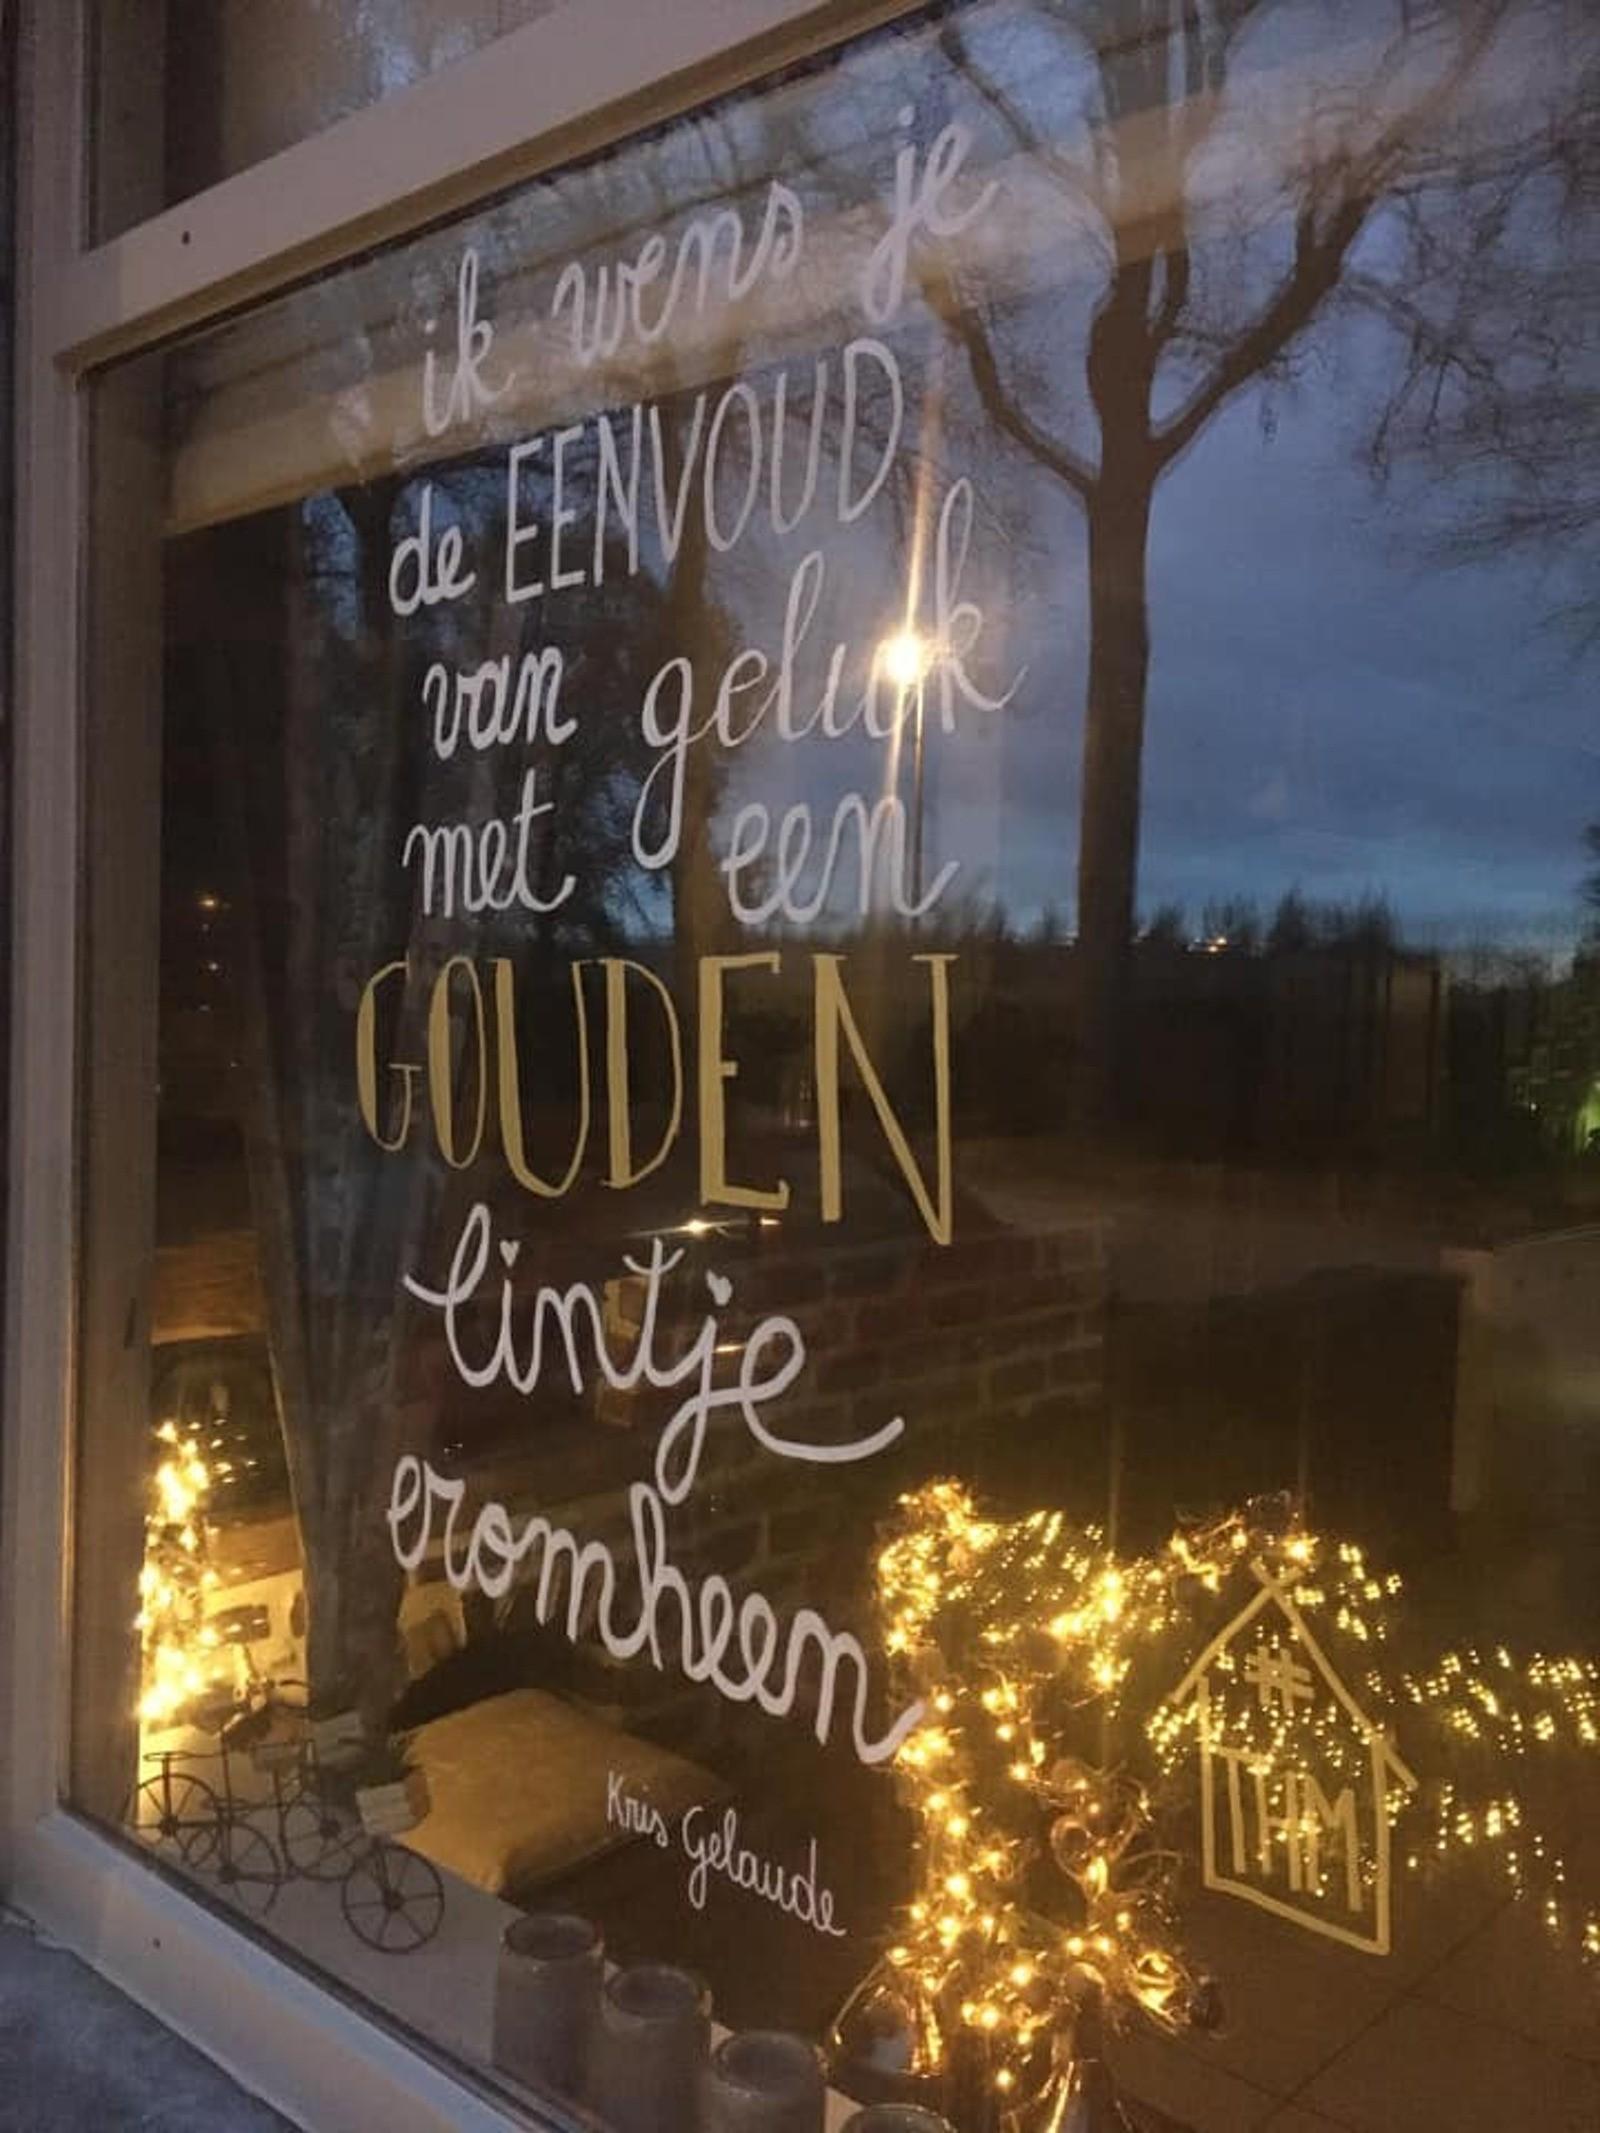 Toontjeshuis Moerkerke organiseert 'De Warmste Rute'